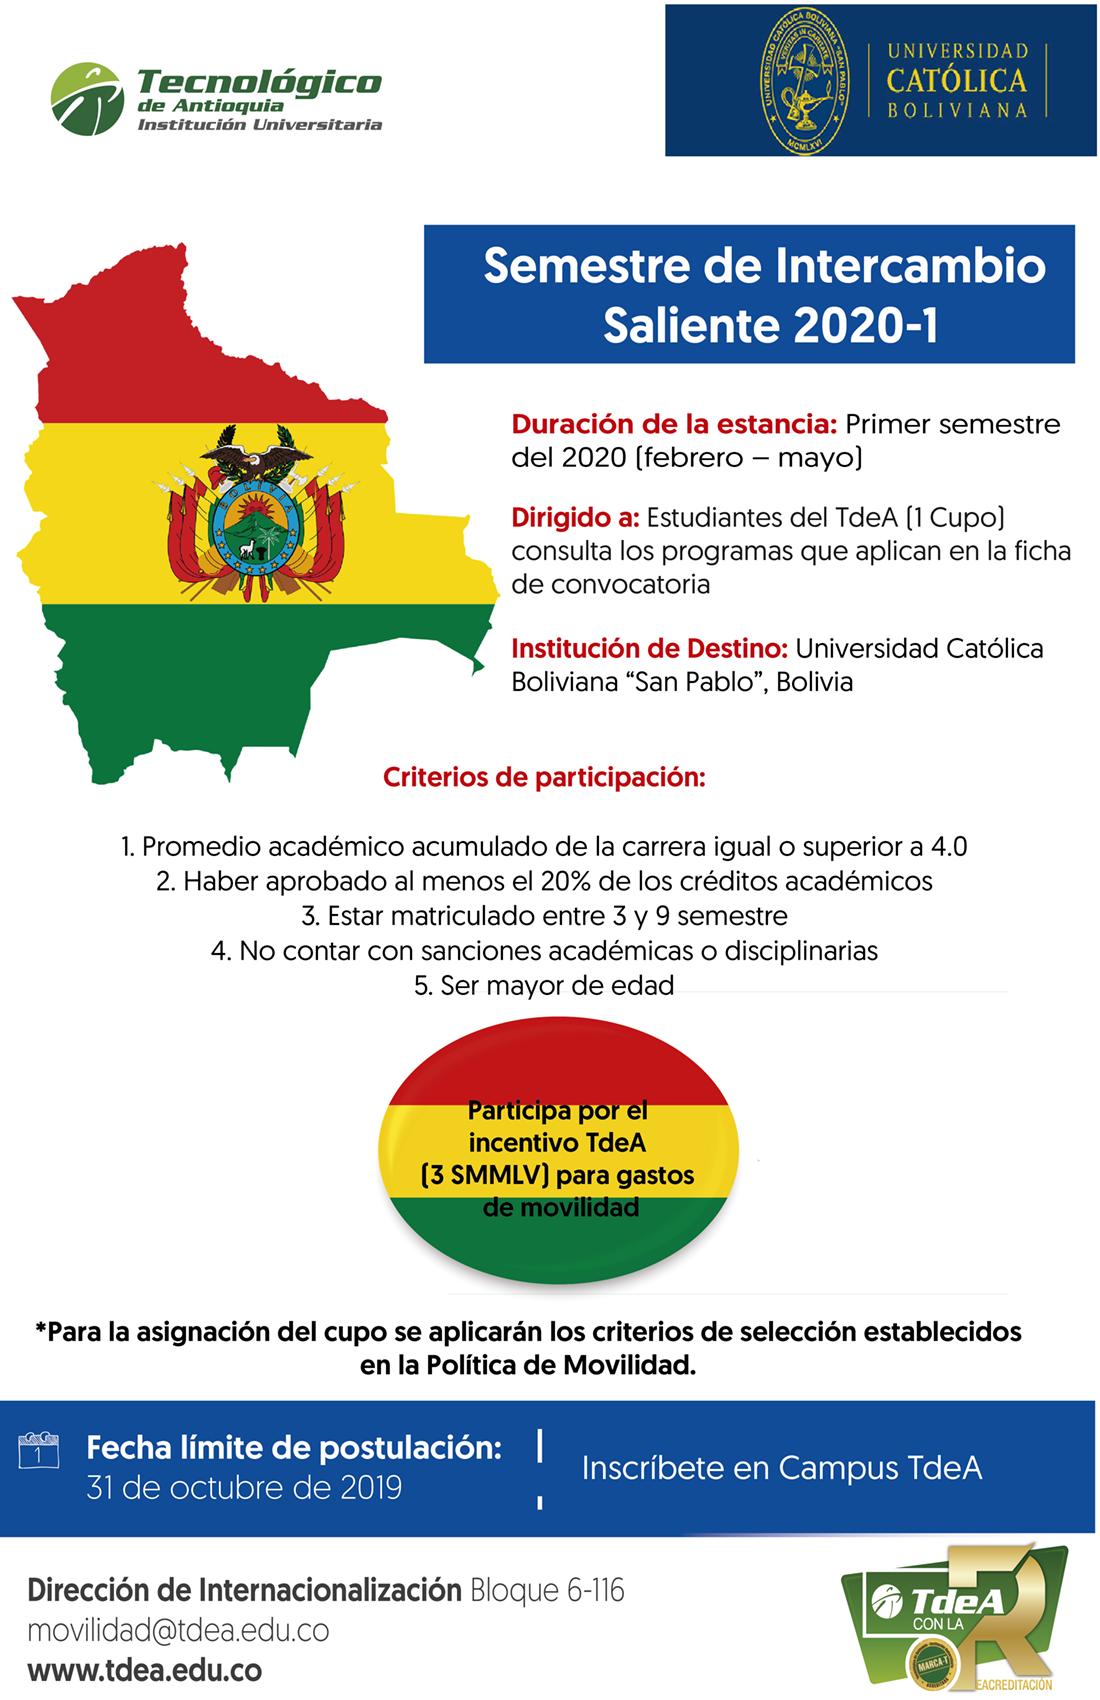 Semestre de Intercambio Saliente 2020-1 Bolivia